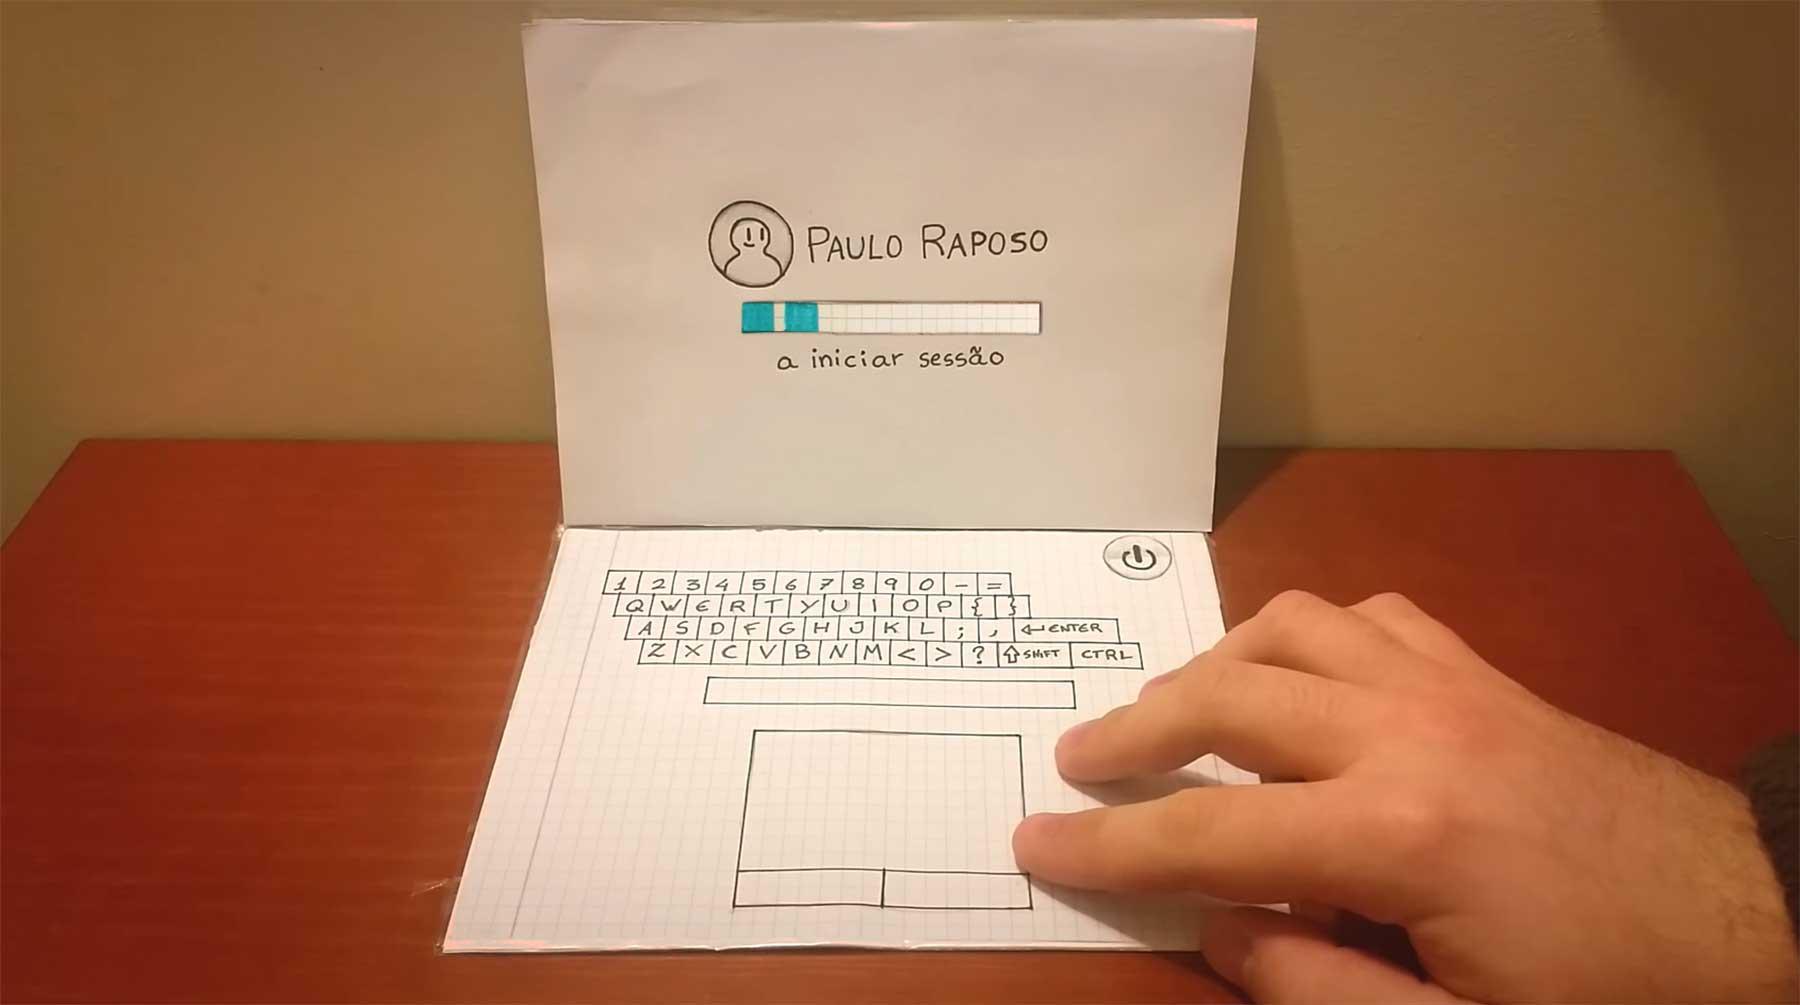 Animierter Papier-Laptop laptop-aus-papier